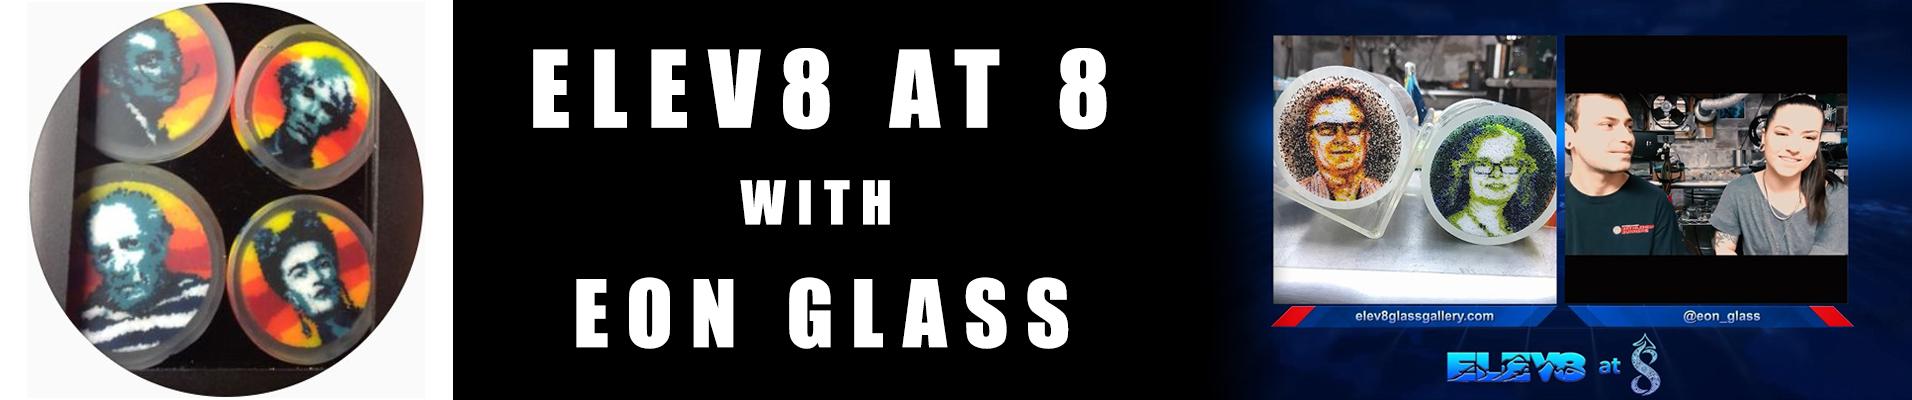 eon-glass-banner.jpg